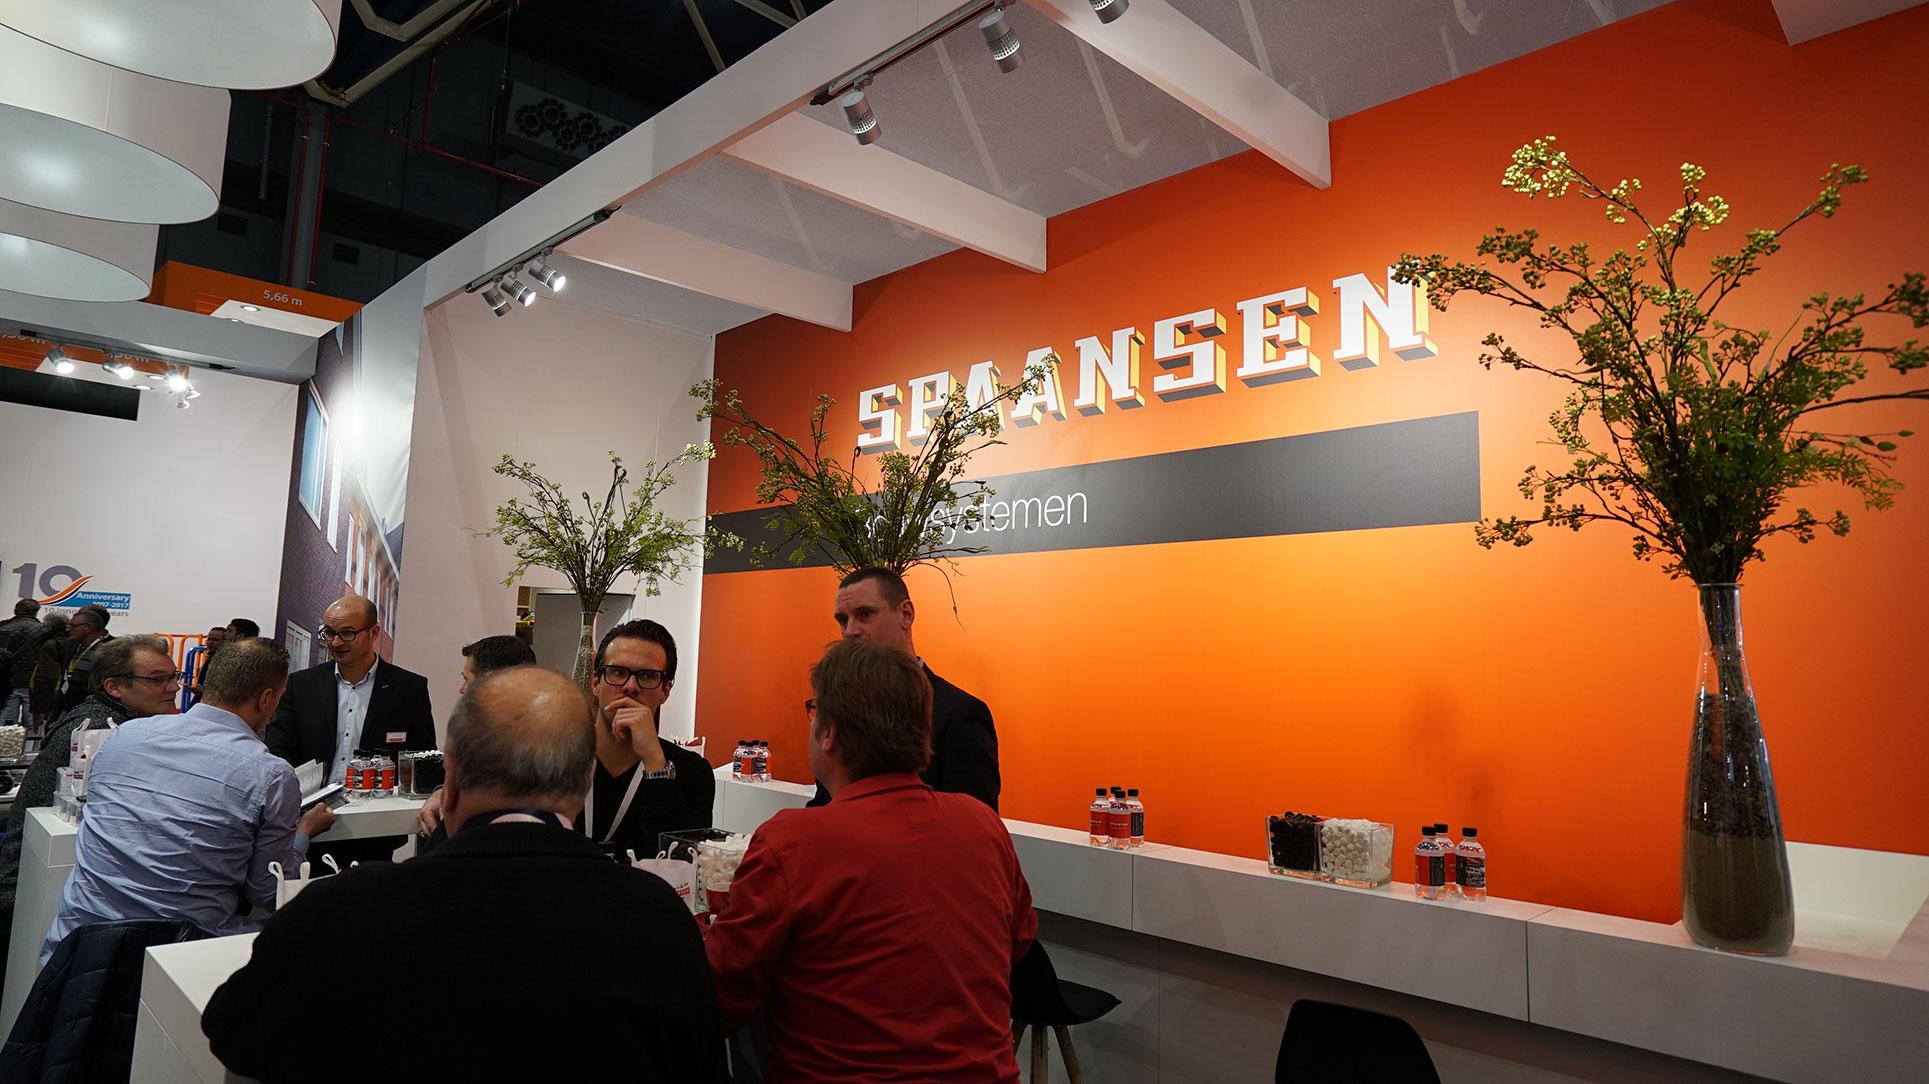 De stand van Spaansen Bouwsystemen trok veel bekijks en publiek tijdens de Bouwbeurs 2017.